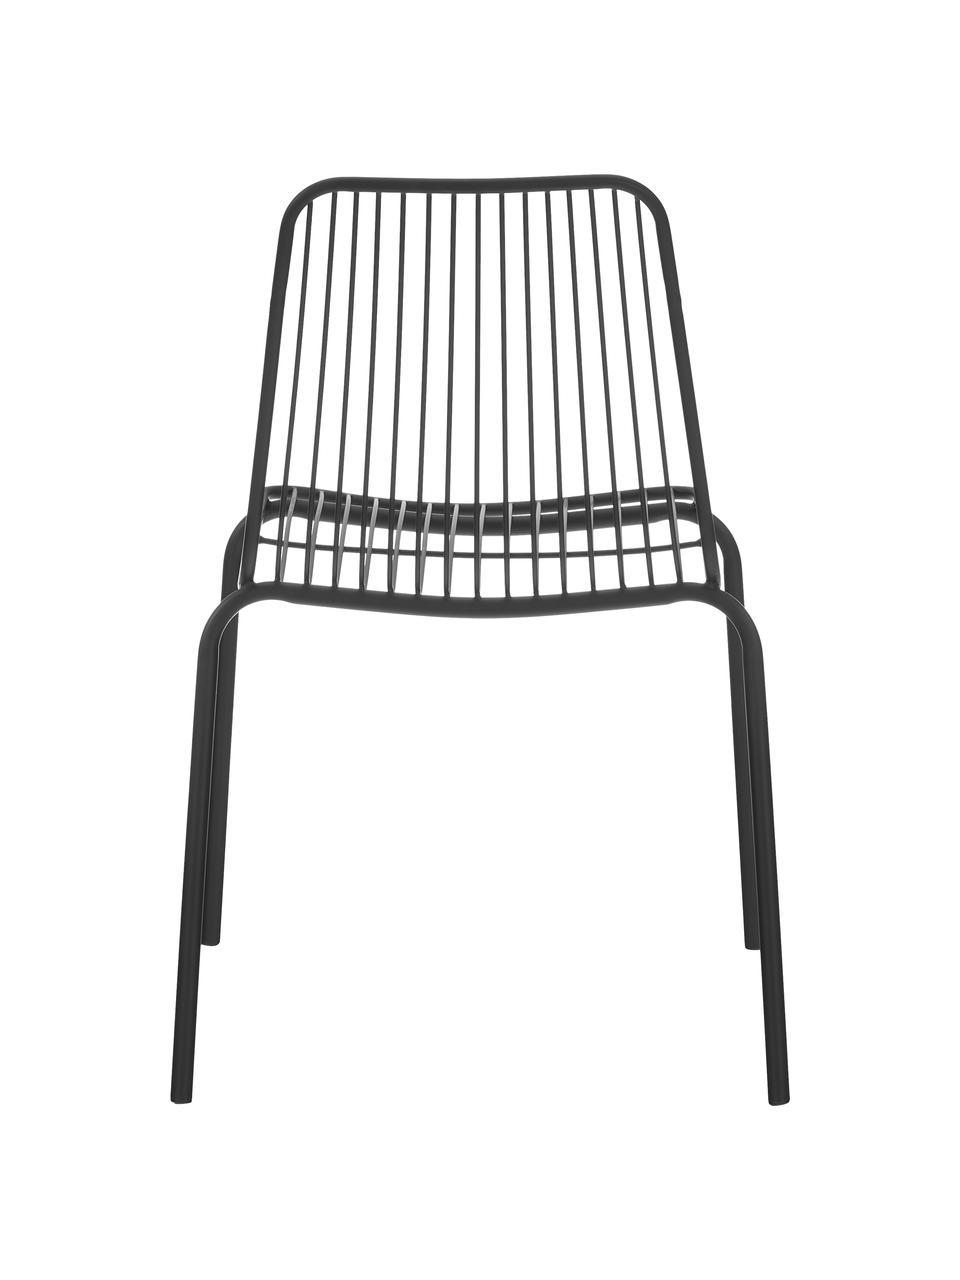 Metalen stoelen Tirana, 2 stuks, Gepoedercoat metaal, Zwart, B 56 x D 54 cm